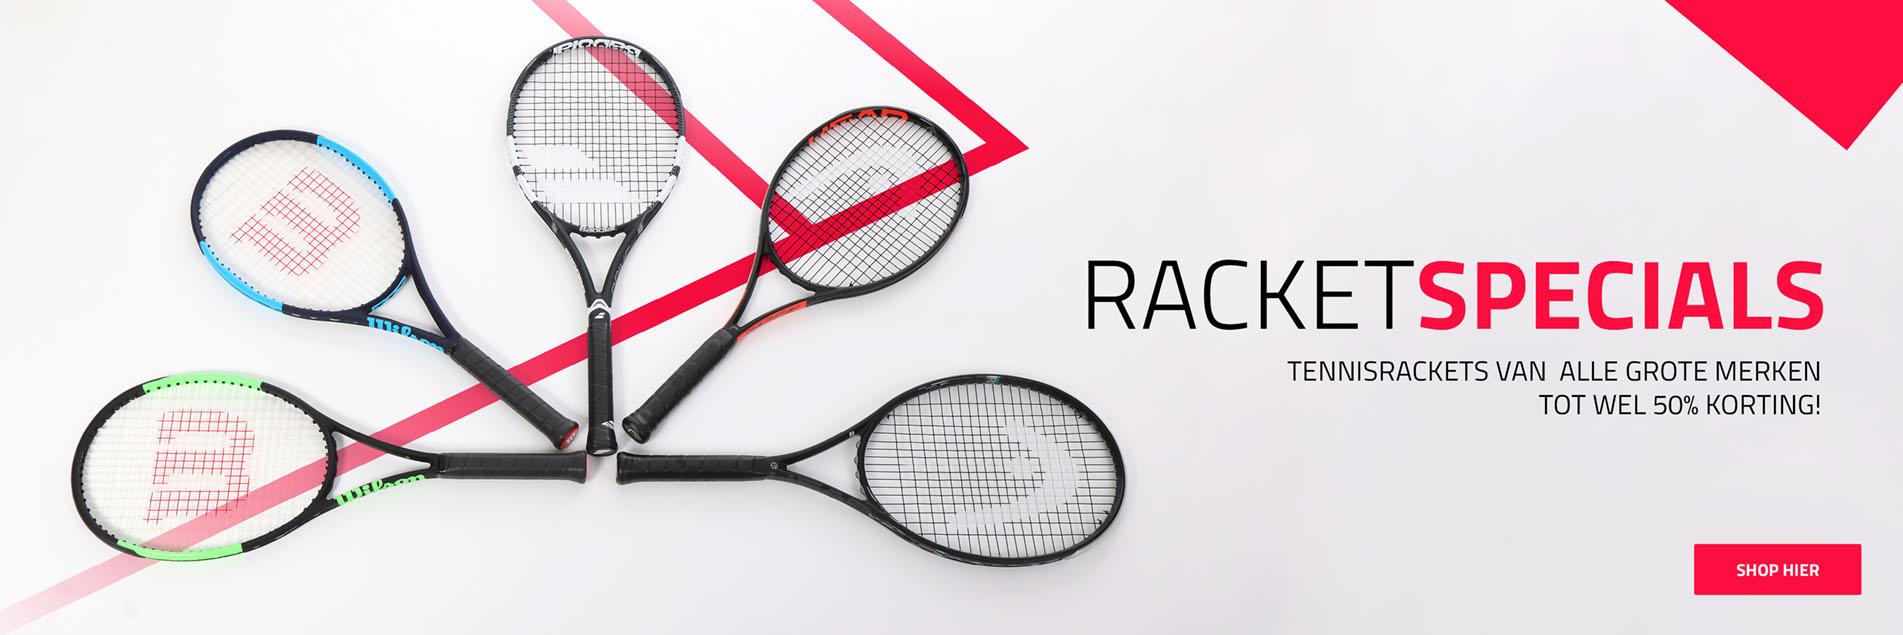 Racketspecials